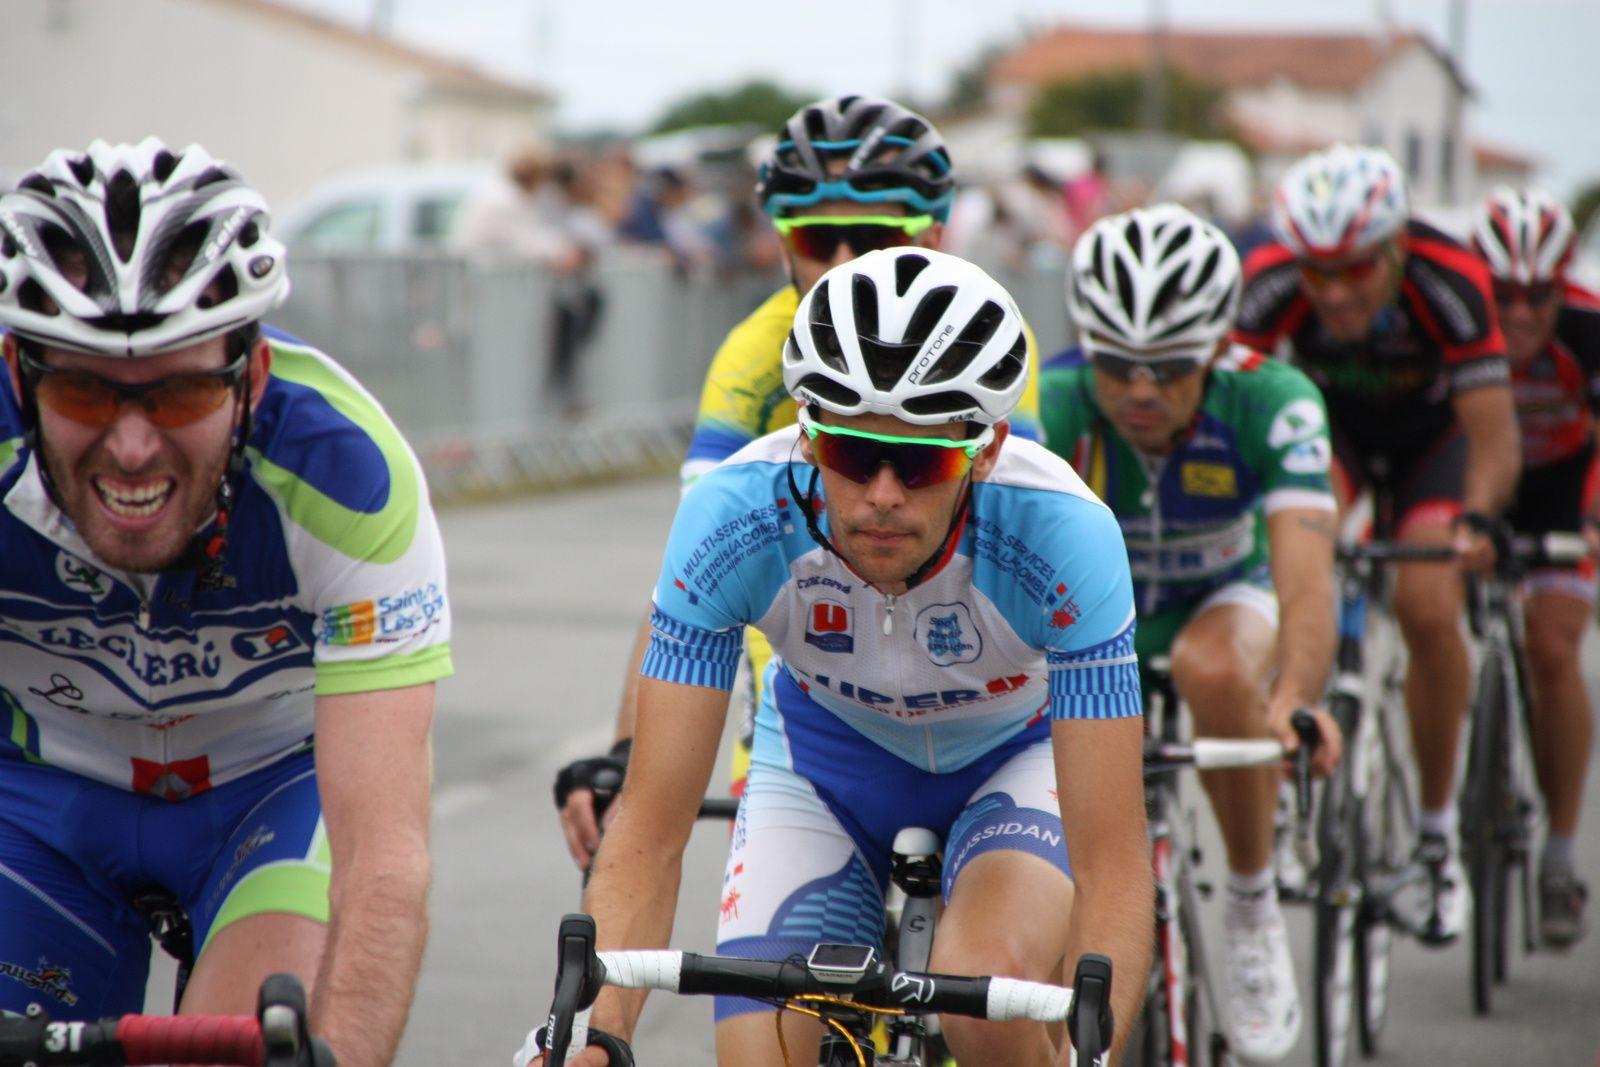 Laurent  LEVEQUE  est  partit  seul  alors  que  Thomas  VALENTIN  s'accroche.